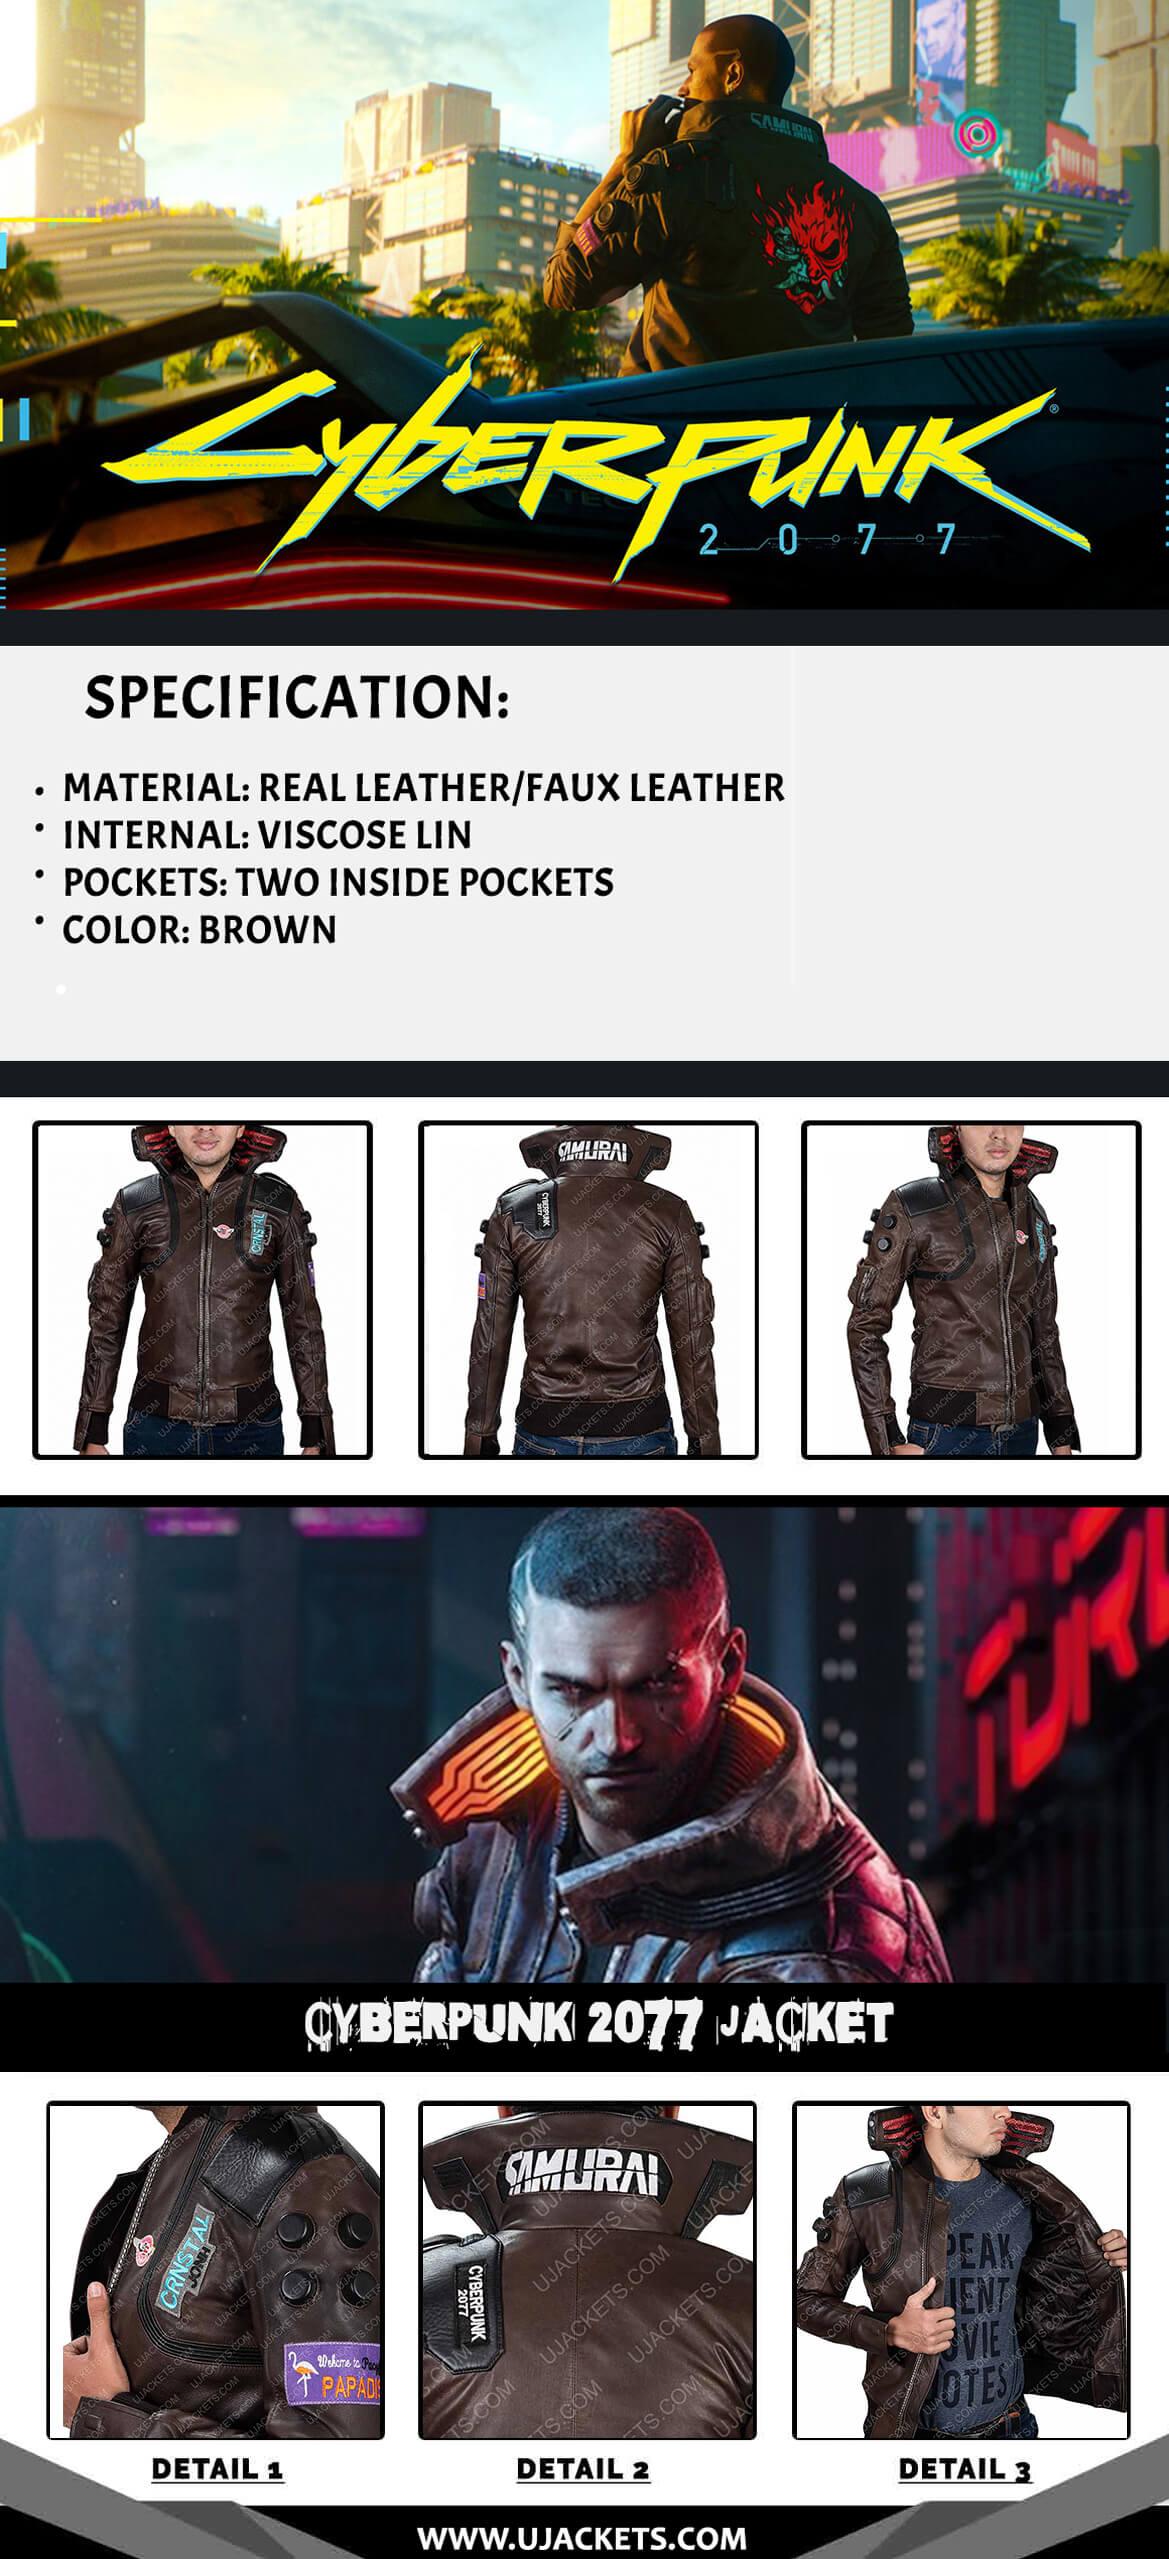 Cyberpunk-2077-Jacket (1)